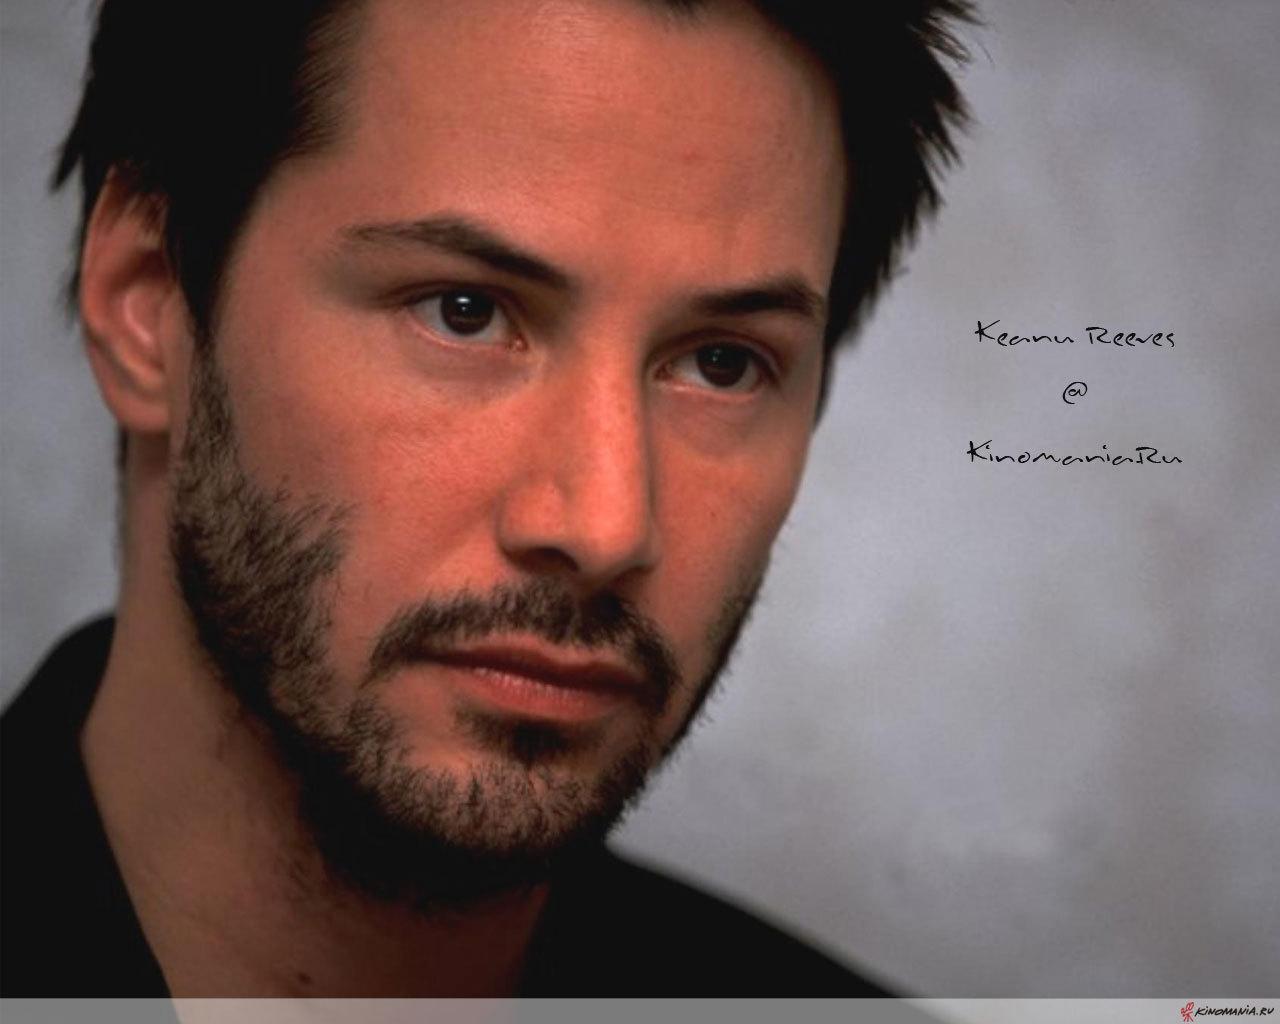 Keanu Reeves keanu reeves